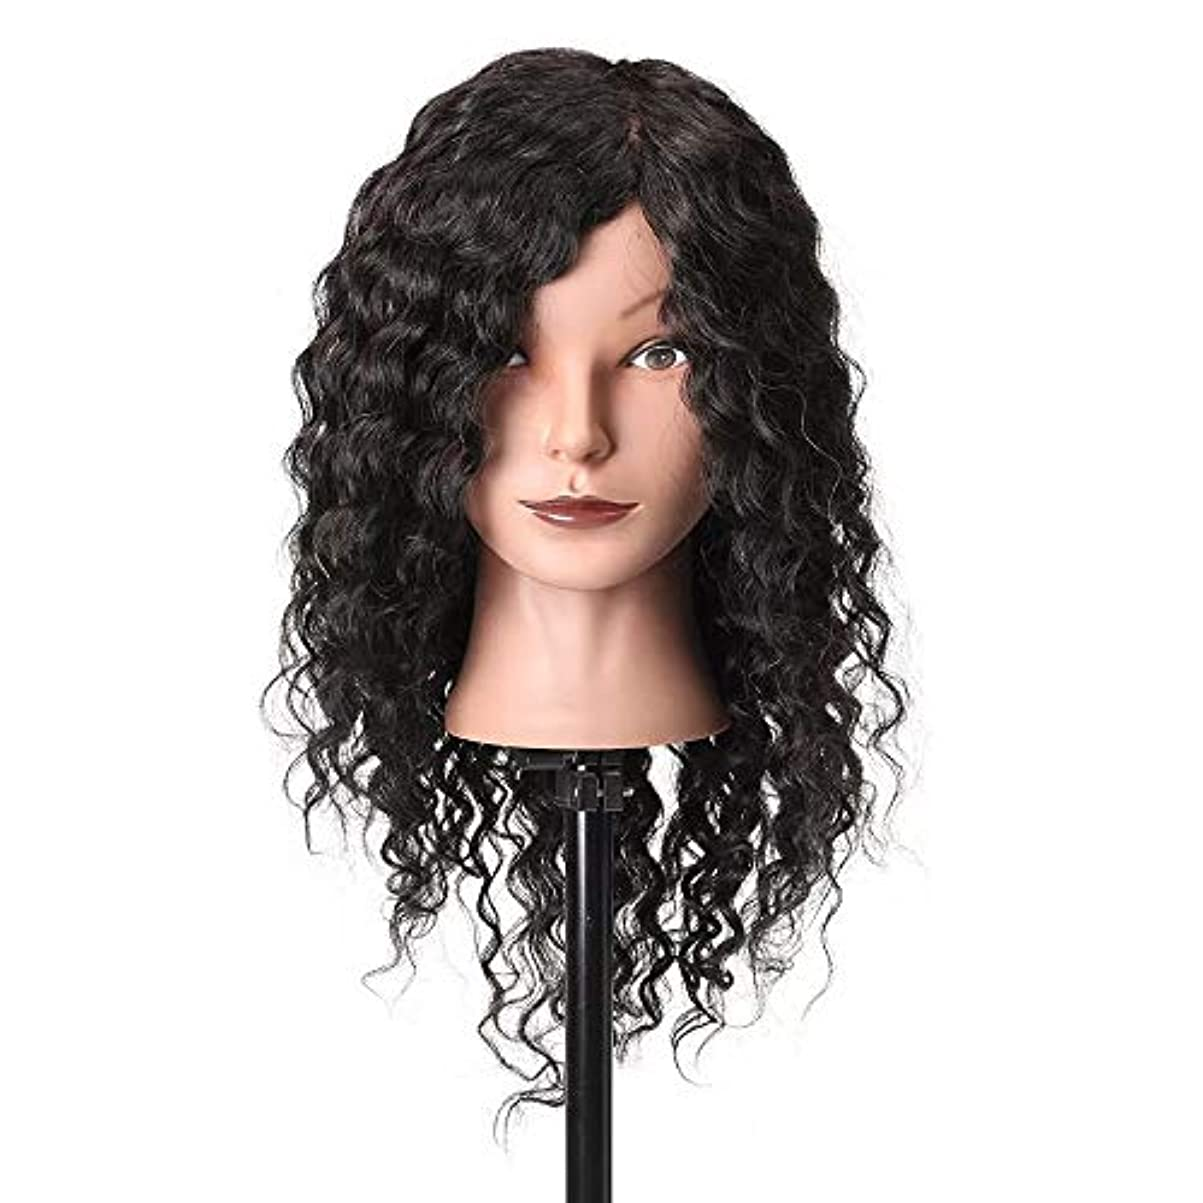 素晴らしい良い多くの上流の議題ウイッグ マネキンヘッド 18「」100%本物の人間の髪の毛サロン理髪トレーニング練習マネキンヘッド 練習用 (色 : ブラック, サイズ : 18 inch(48cm))